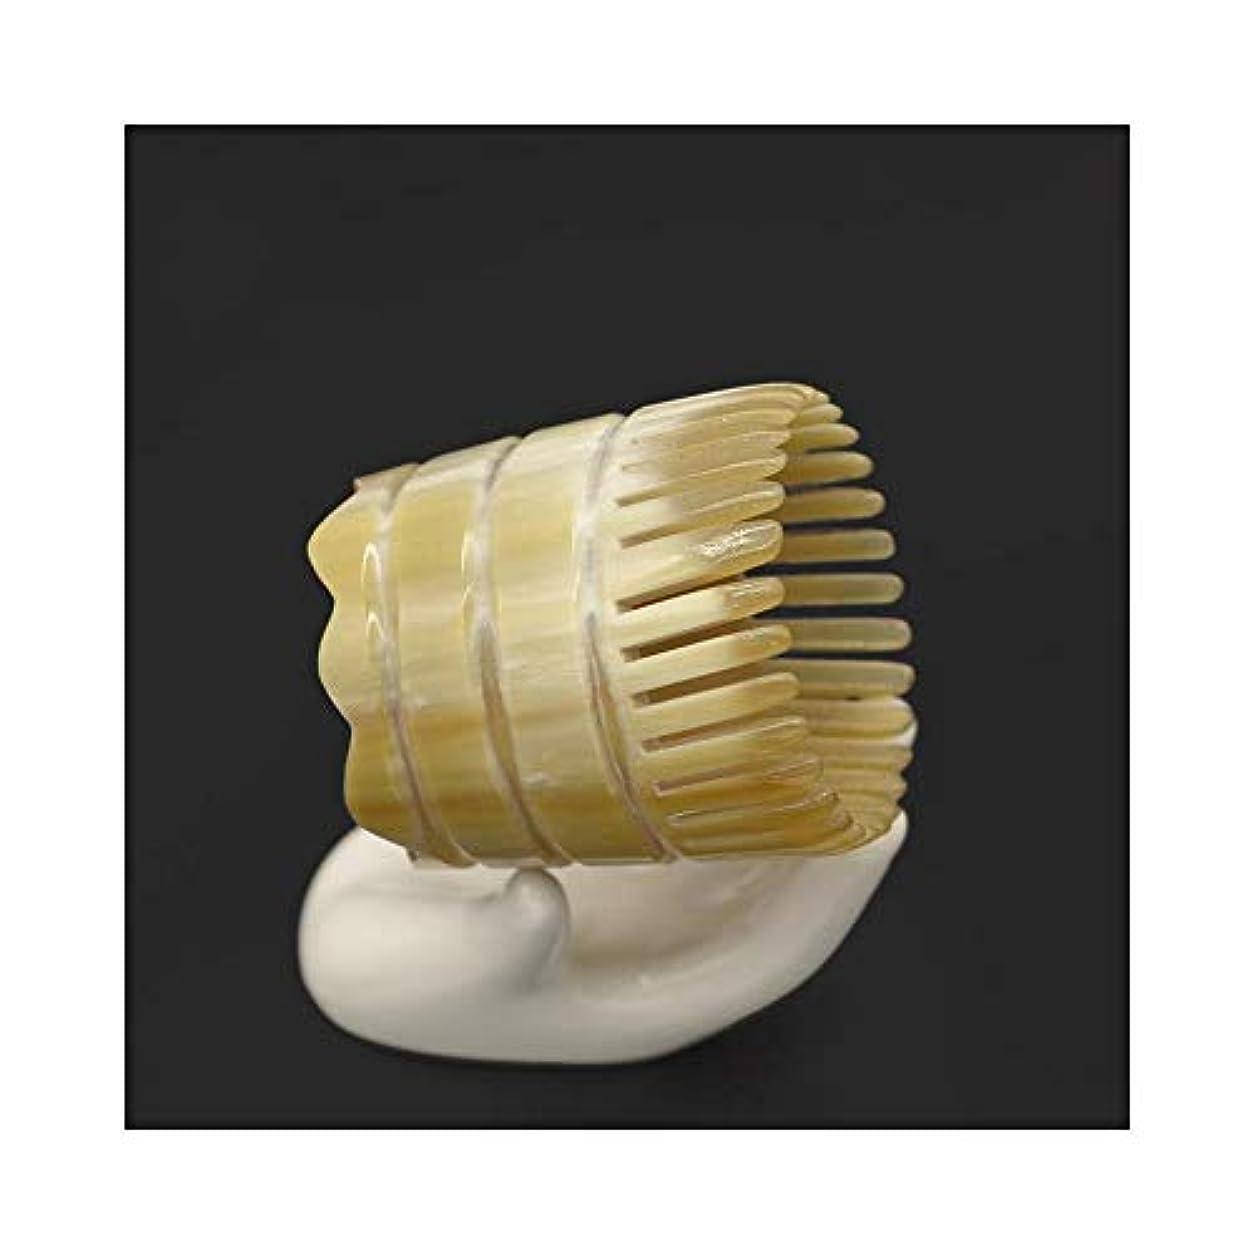 ハブブ思い出すインストラクターWASAIO 頭皮マッサージはありません静的手作りのための自然木製ヤクホーンくしDetangleコームズメンズ?レディース?ヘアーブラシセットパドル (色 : B)